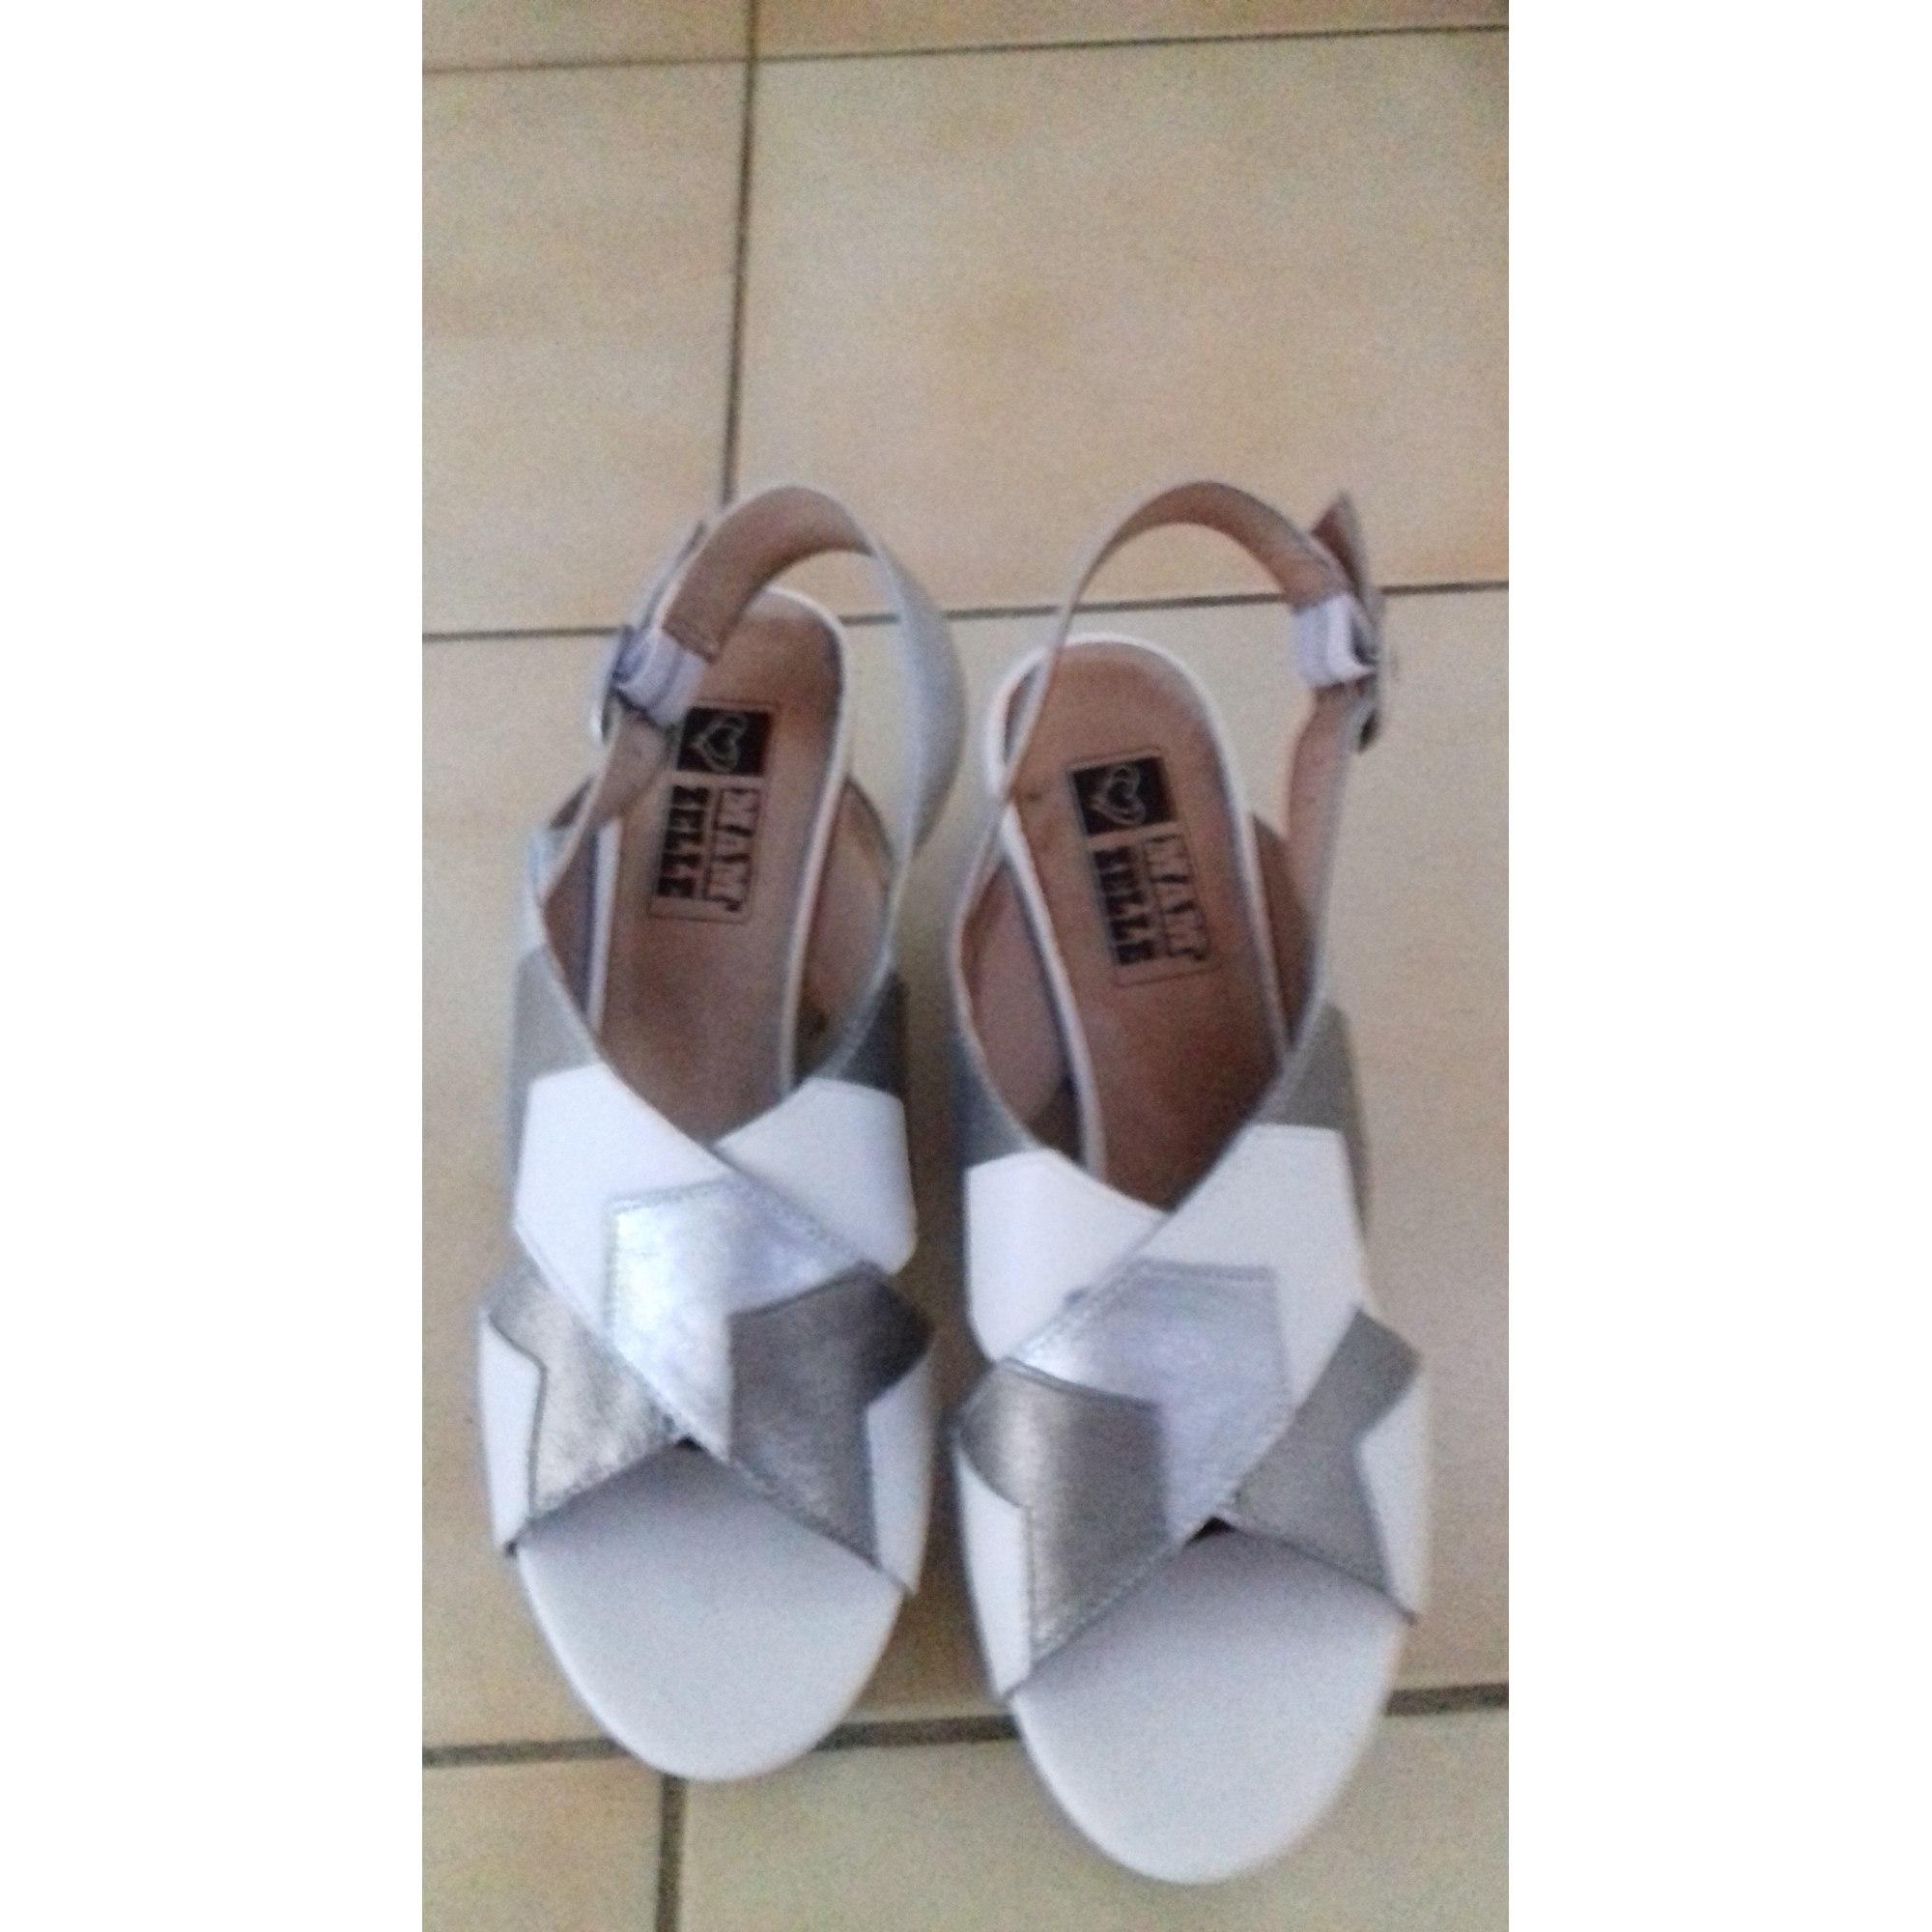 Sandales compensées MAM ZELLE Blanc, blanc cassé, écru